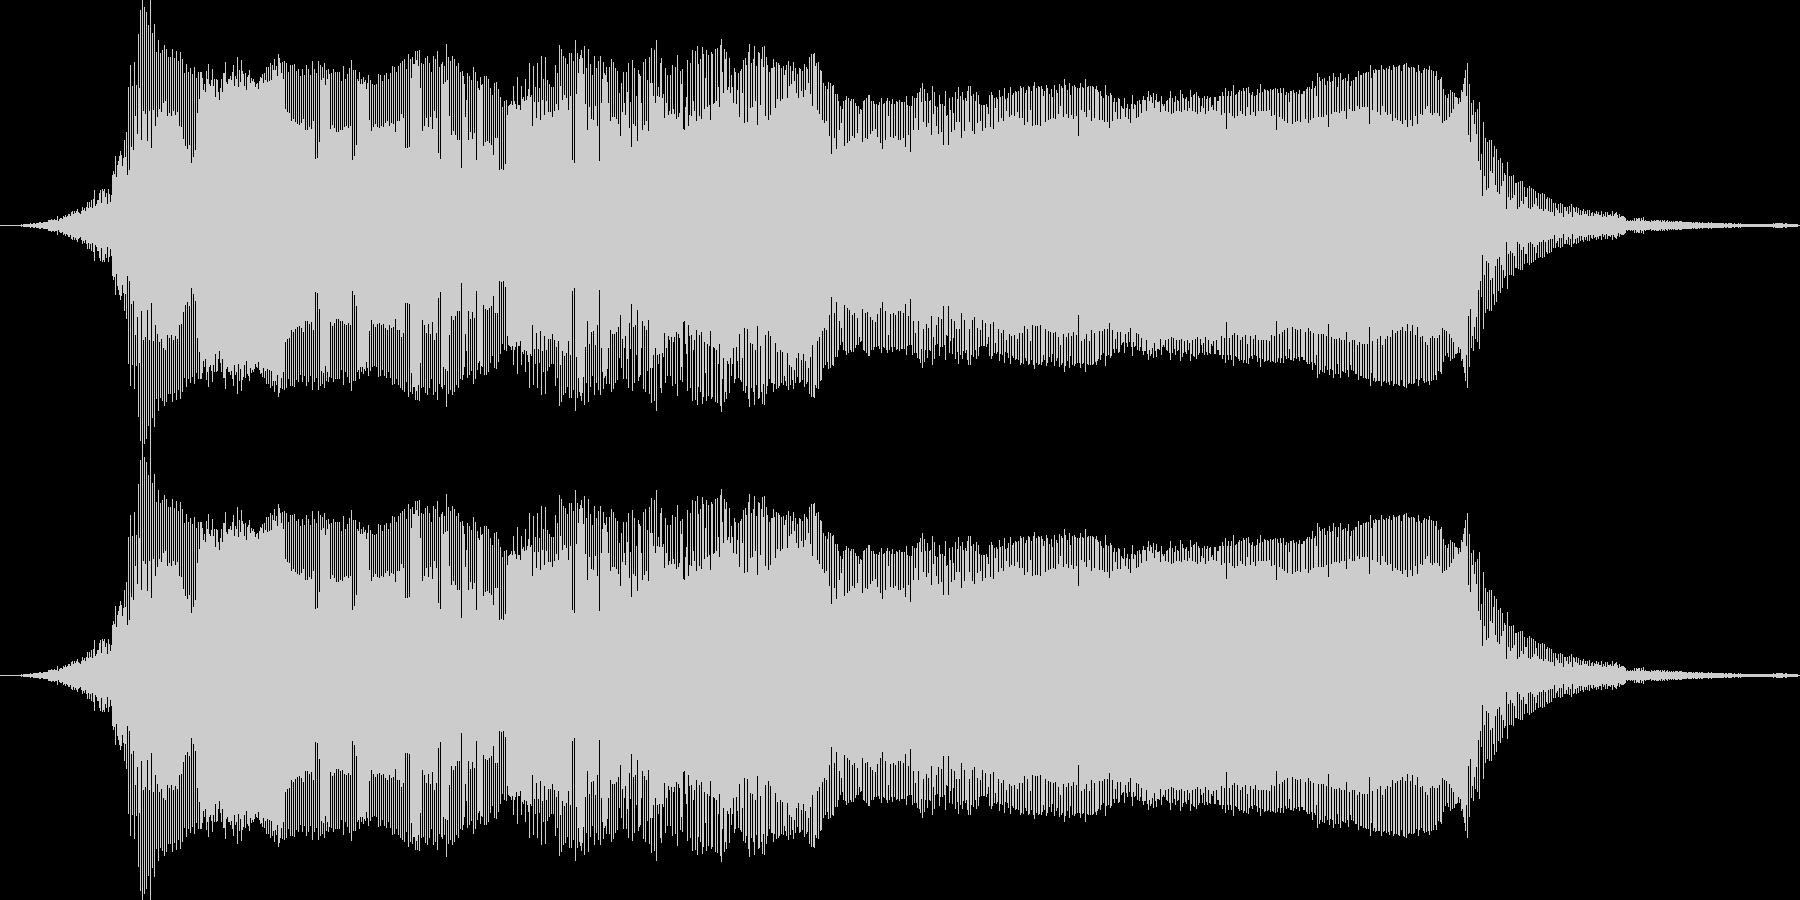 こぶし04(F)の未再生の波形